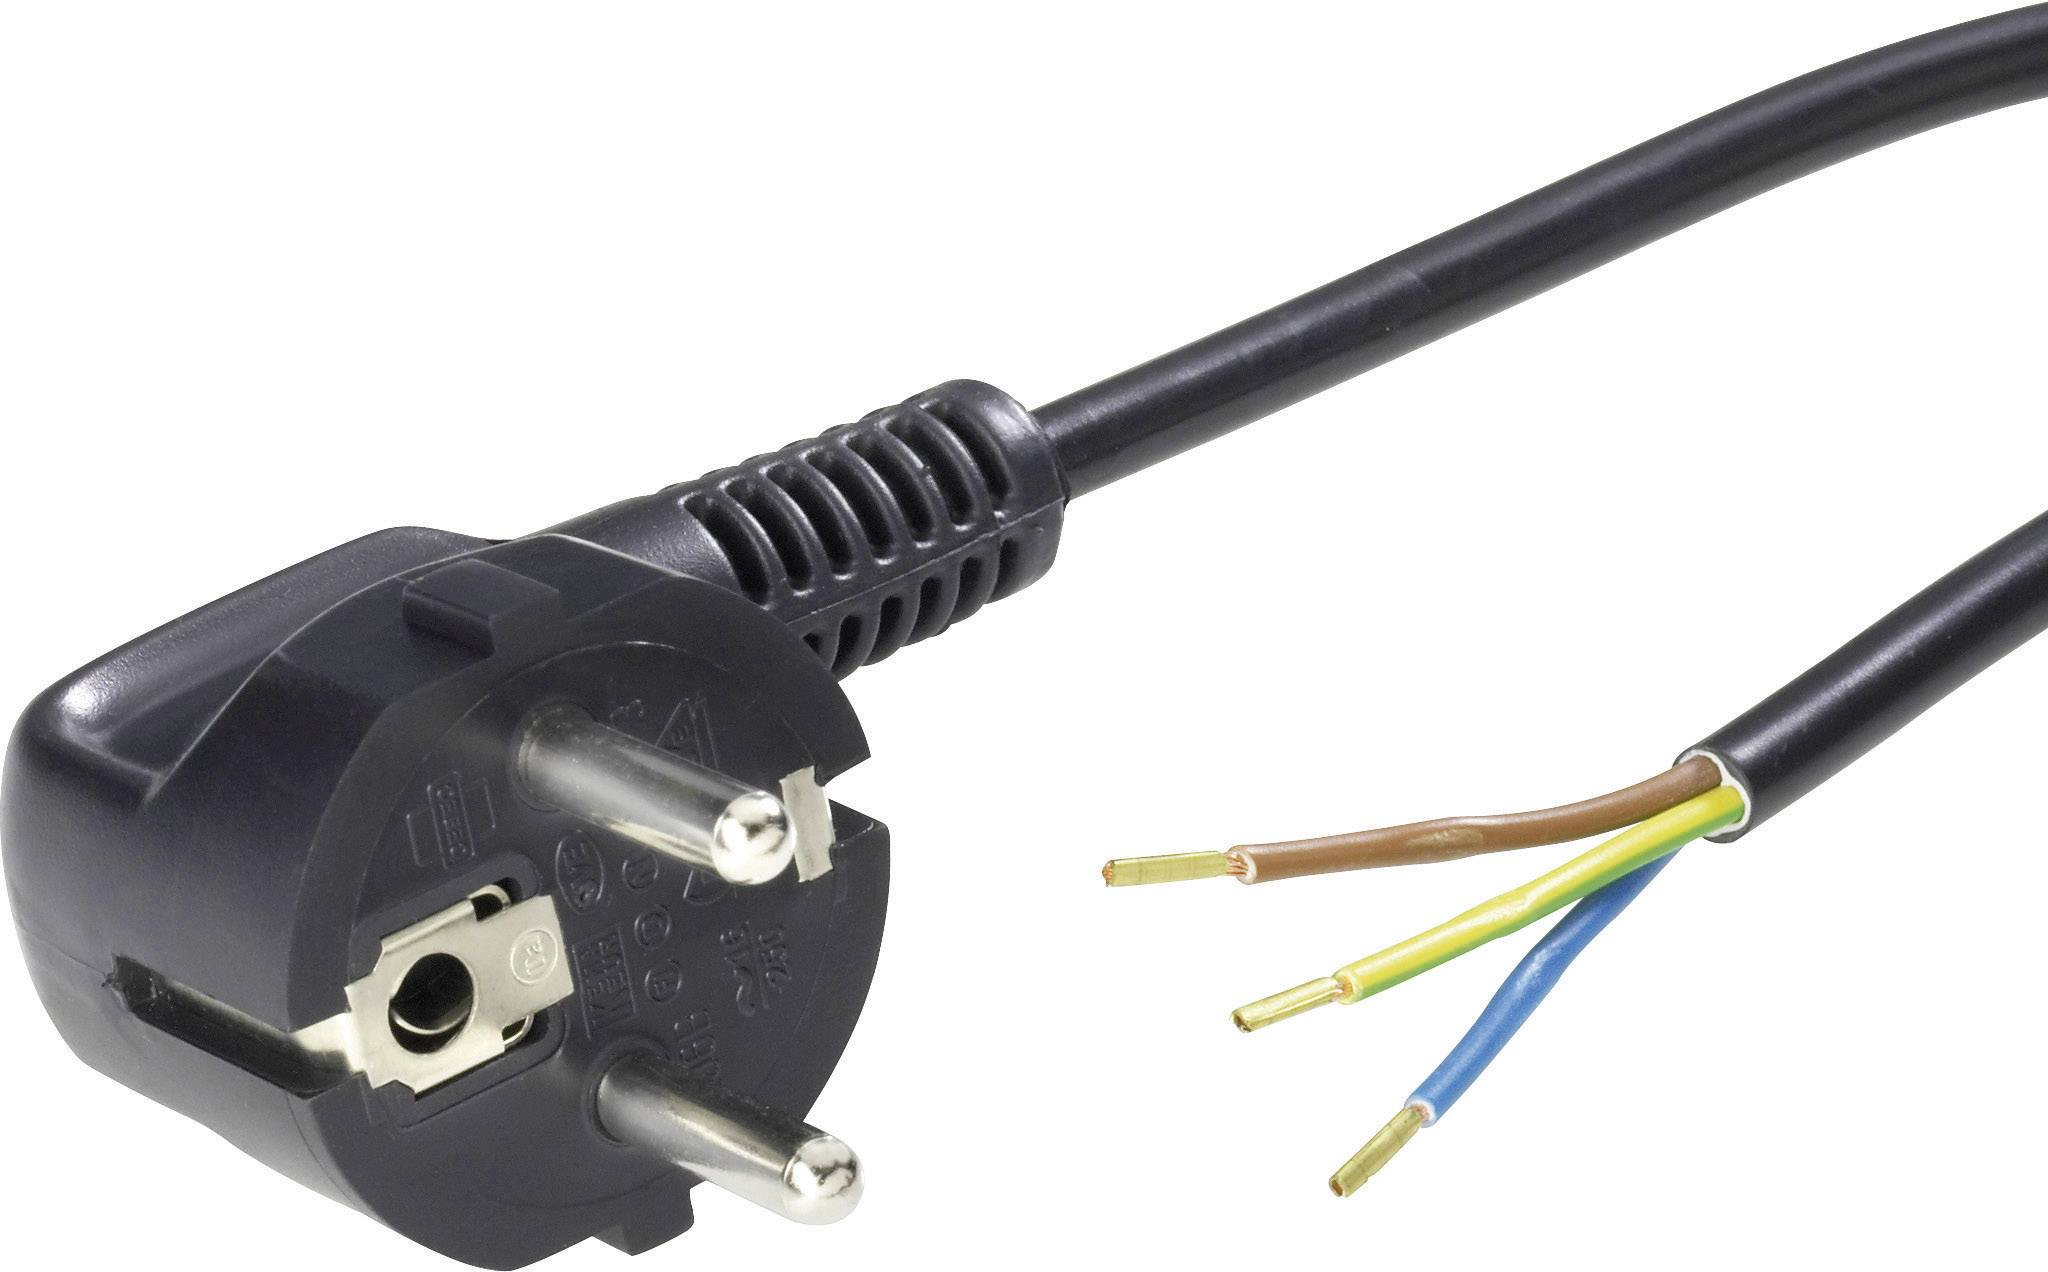 Připojovací kabel NETZFLEXR H05VV-F 3G1,5 bílý